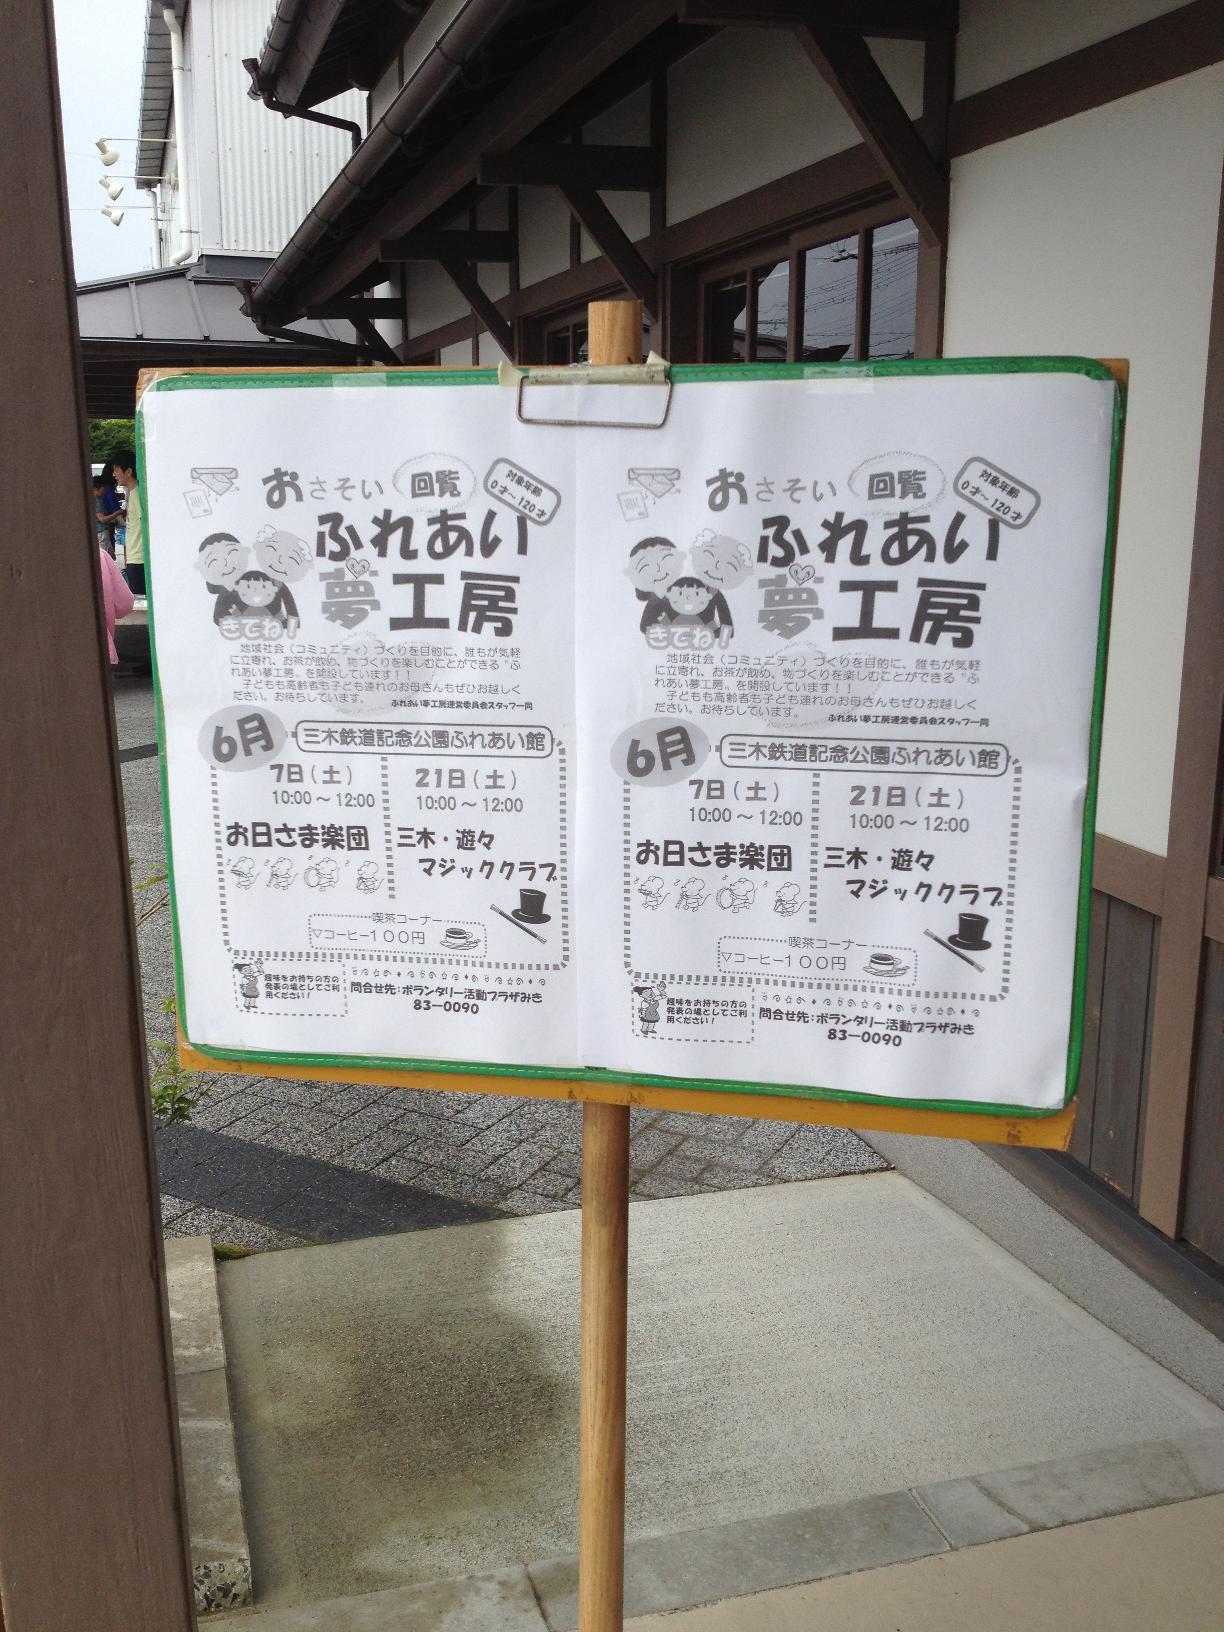 6/7(土) ふれあい夢工房出演_e0159902_12185025.jpg